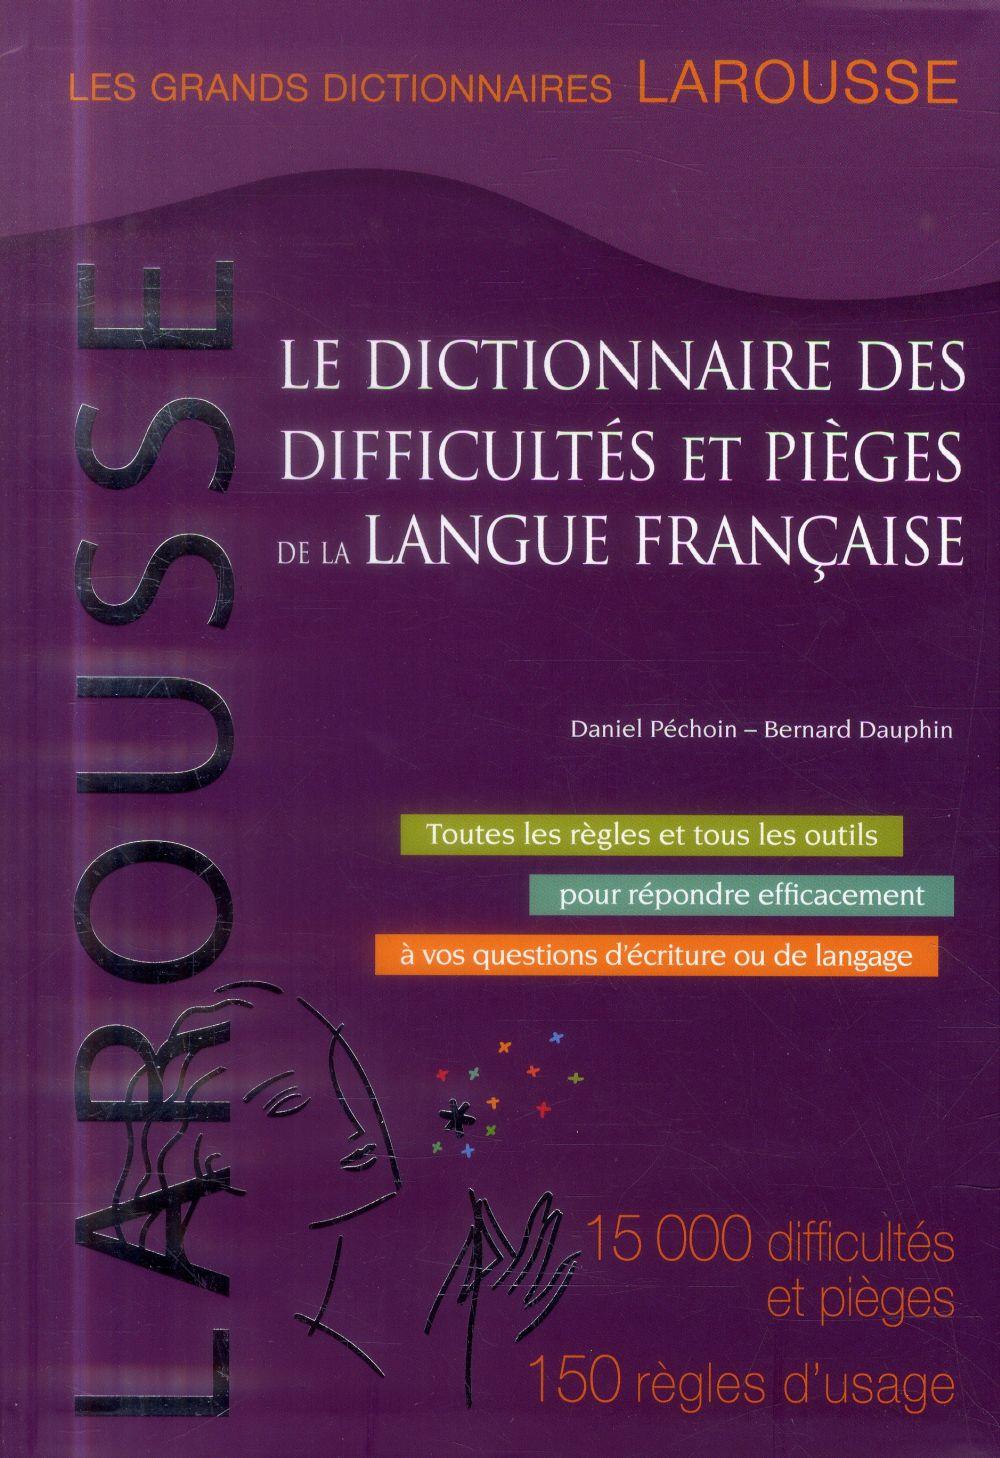 Grand dictionnaire des difficultes et pieges de la langue francaise